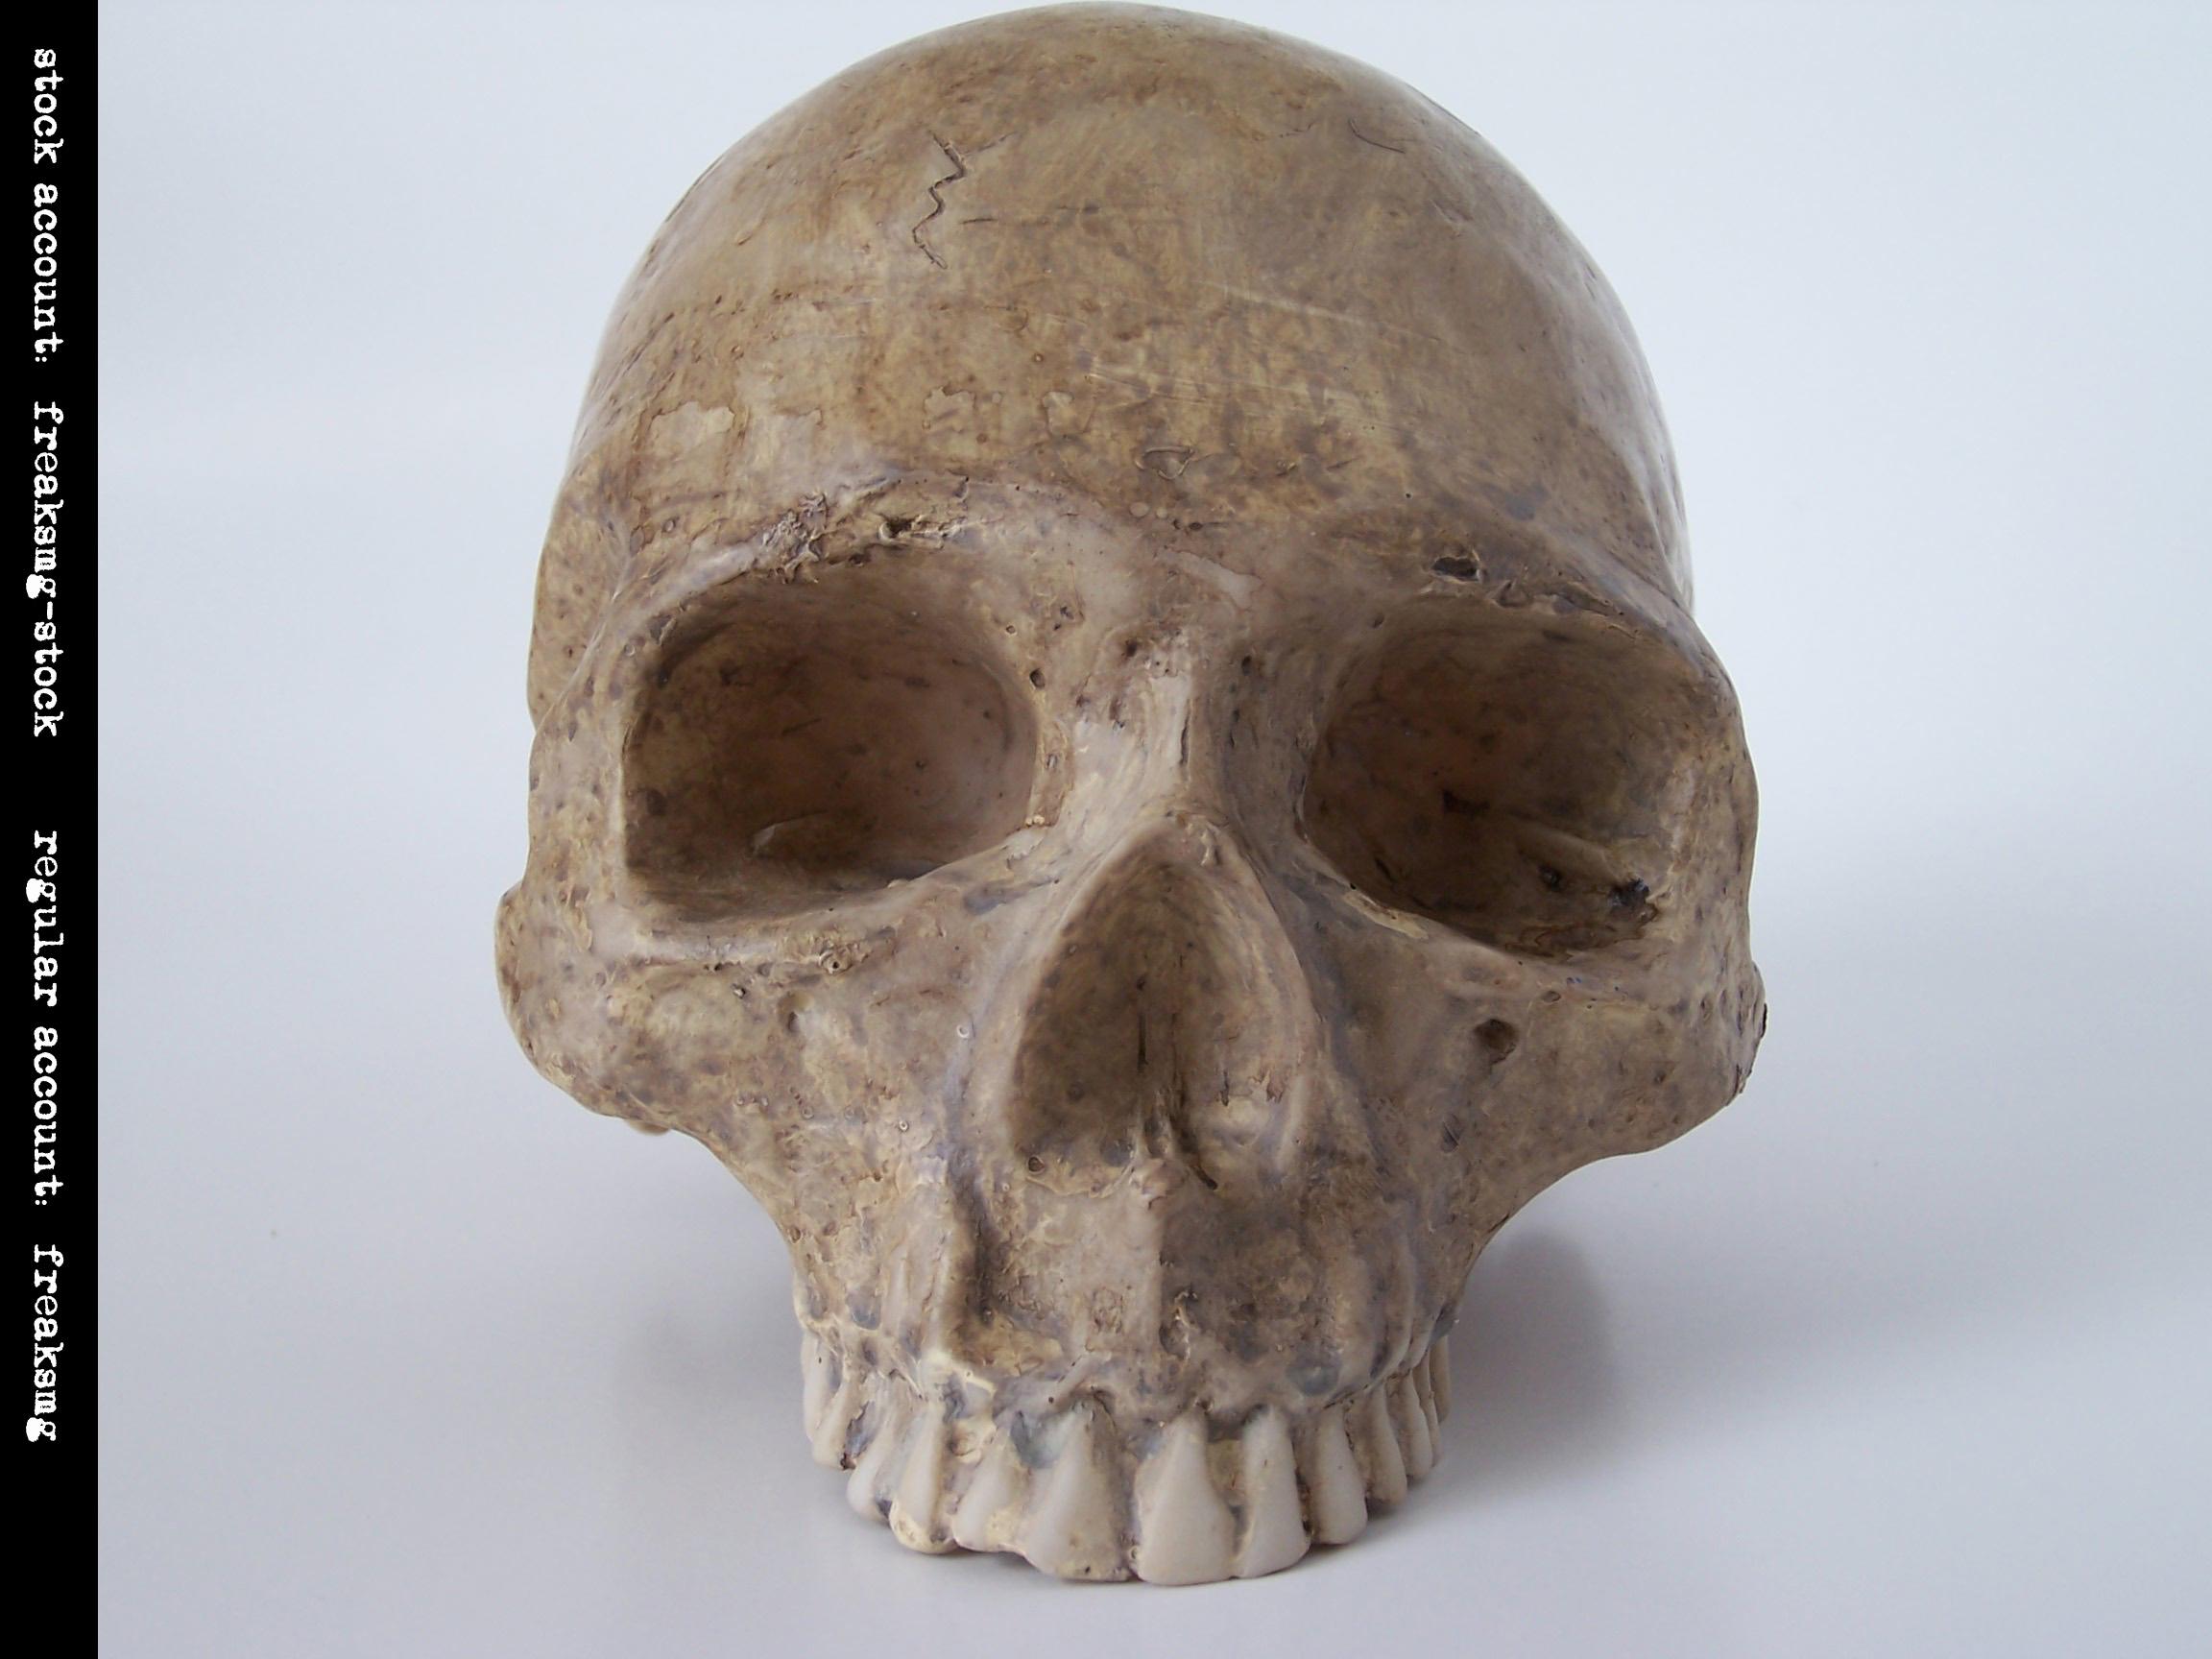 freaksmg-stock - new skull 8